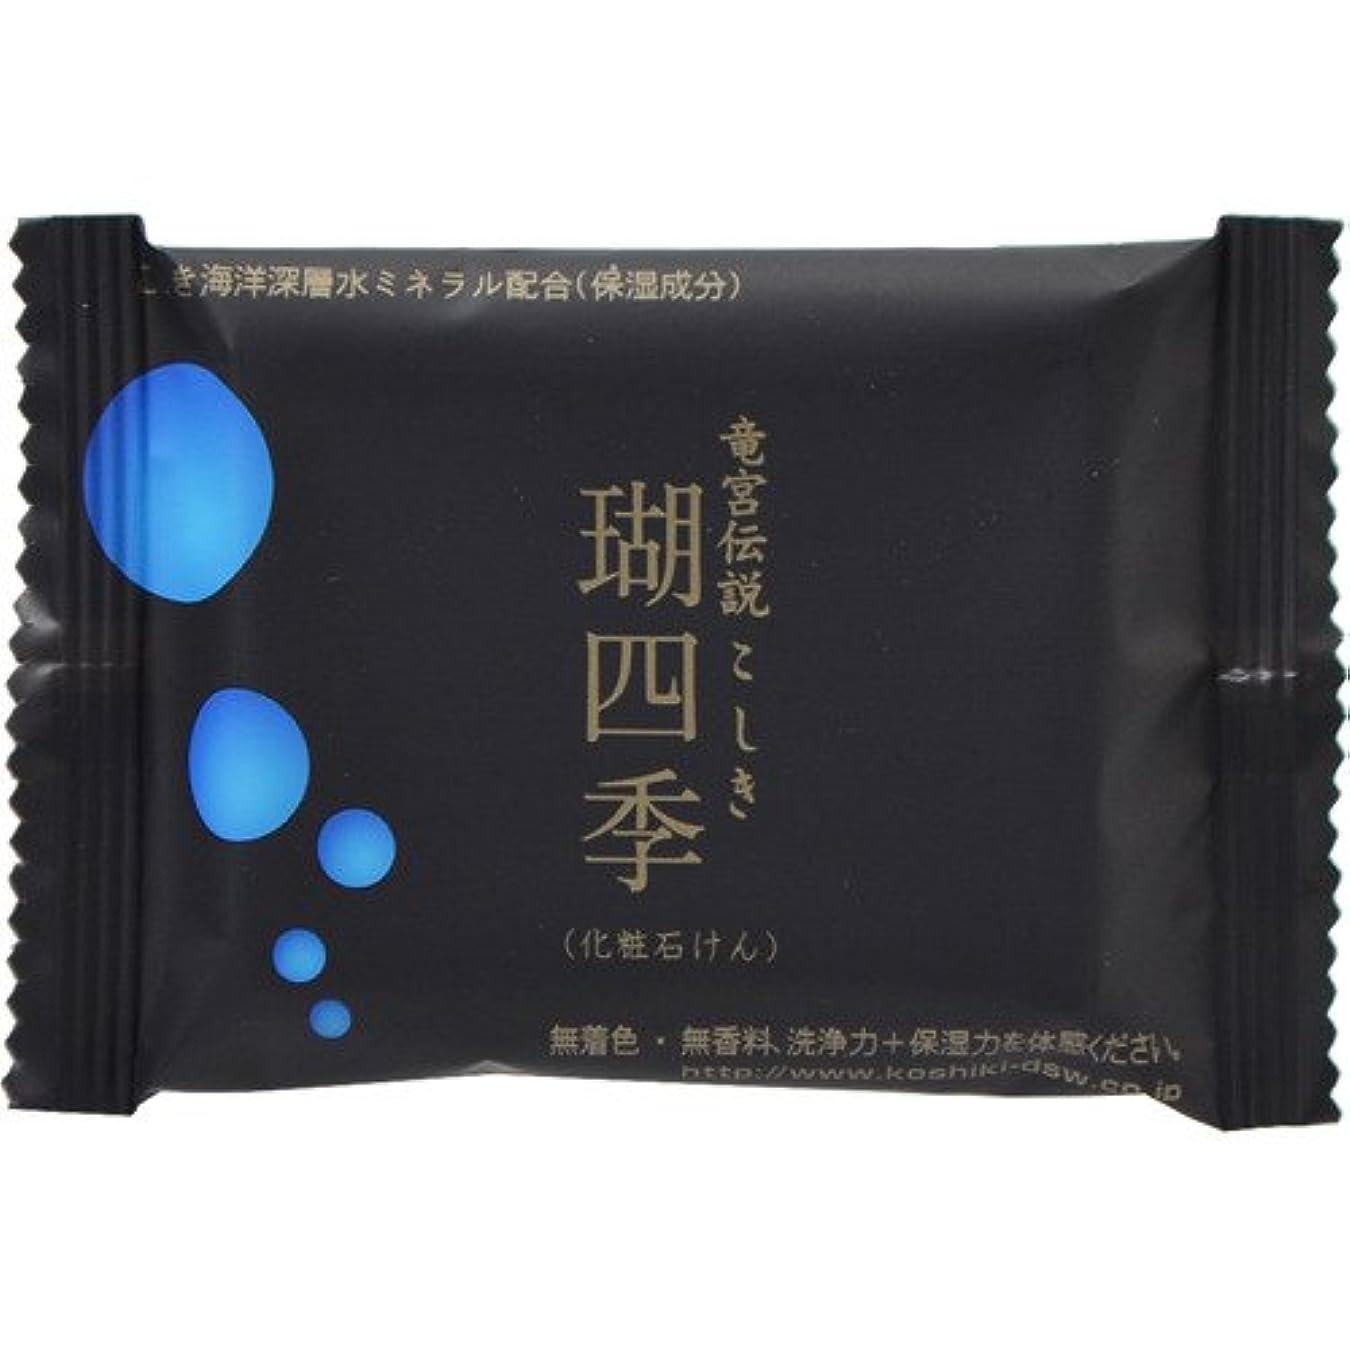 確保するかまどハシー瑚四季 化粧石鹸 30g